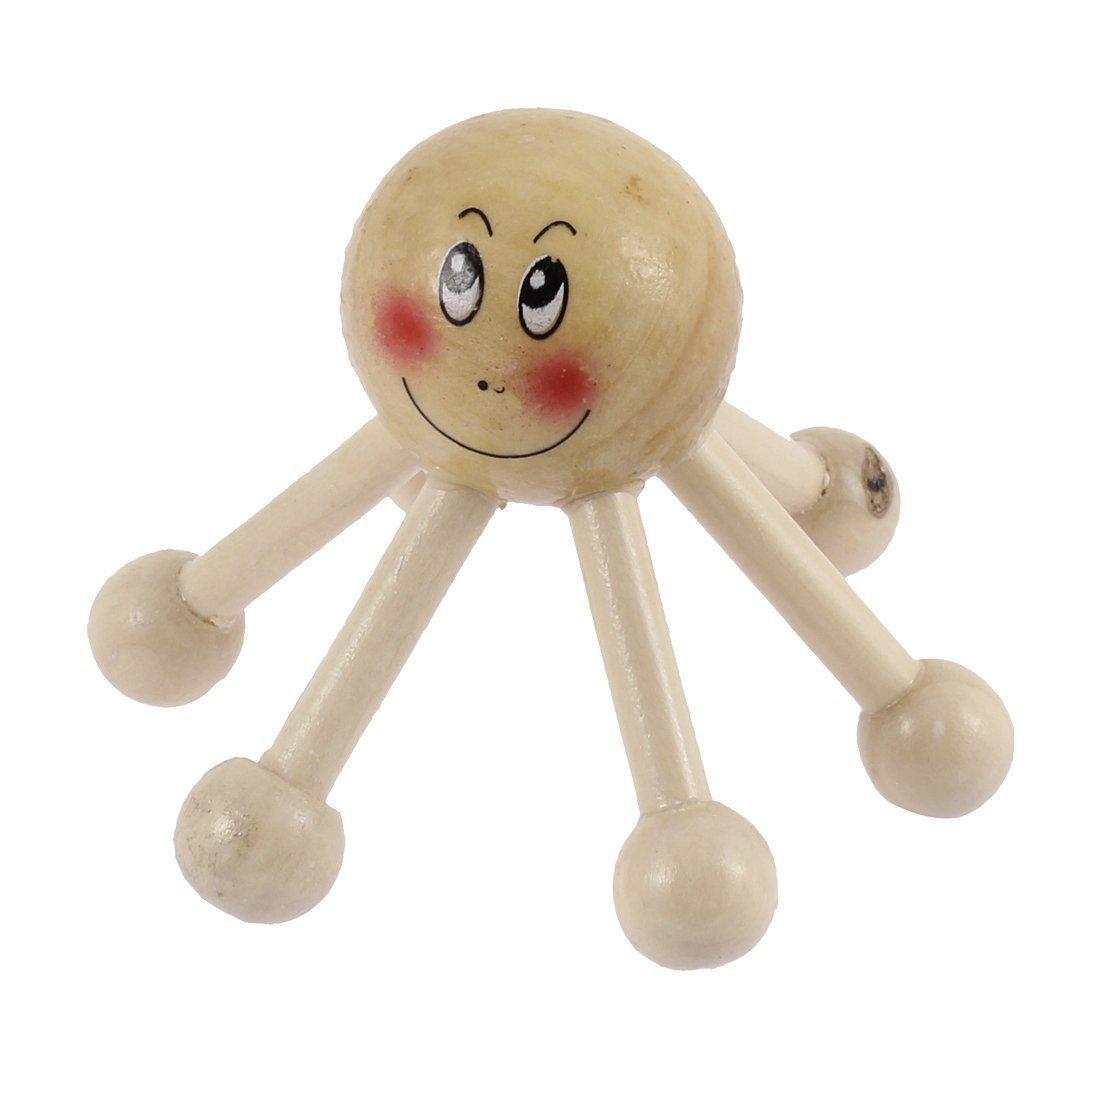 Welim Wooden Body Massager Octopus Shaped Handheld Massager 6 Ball